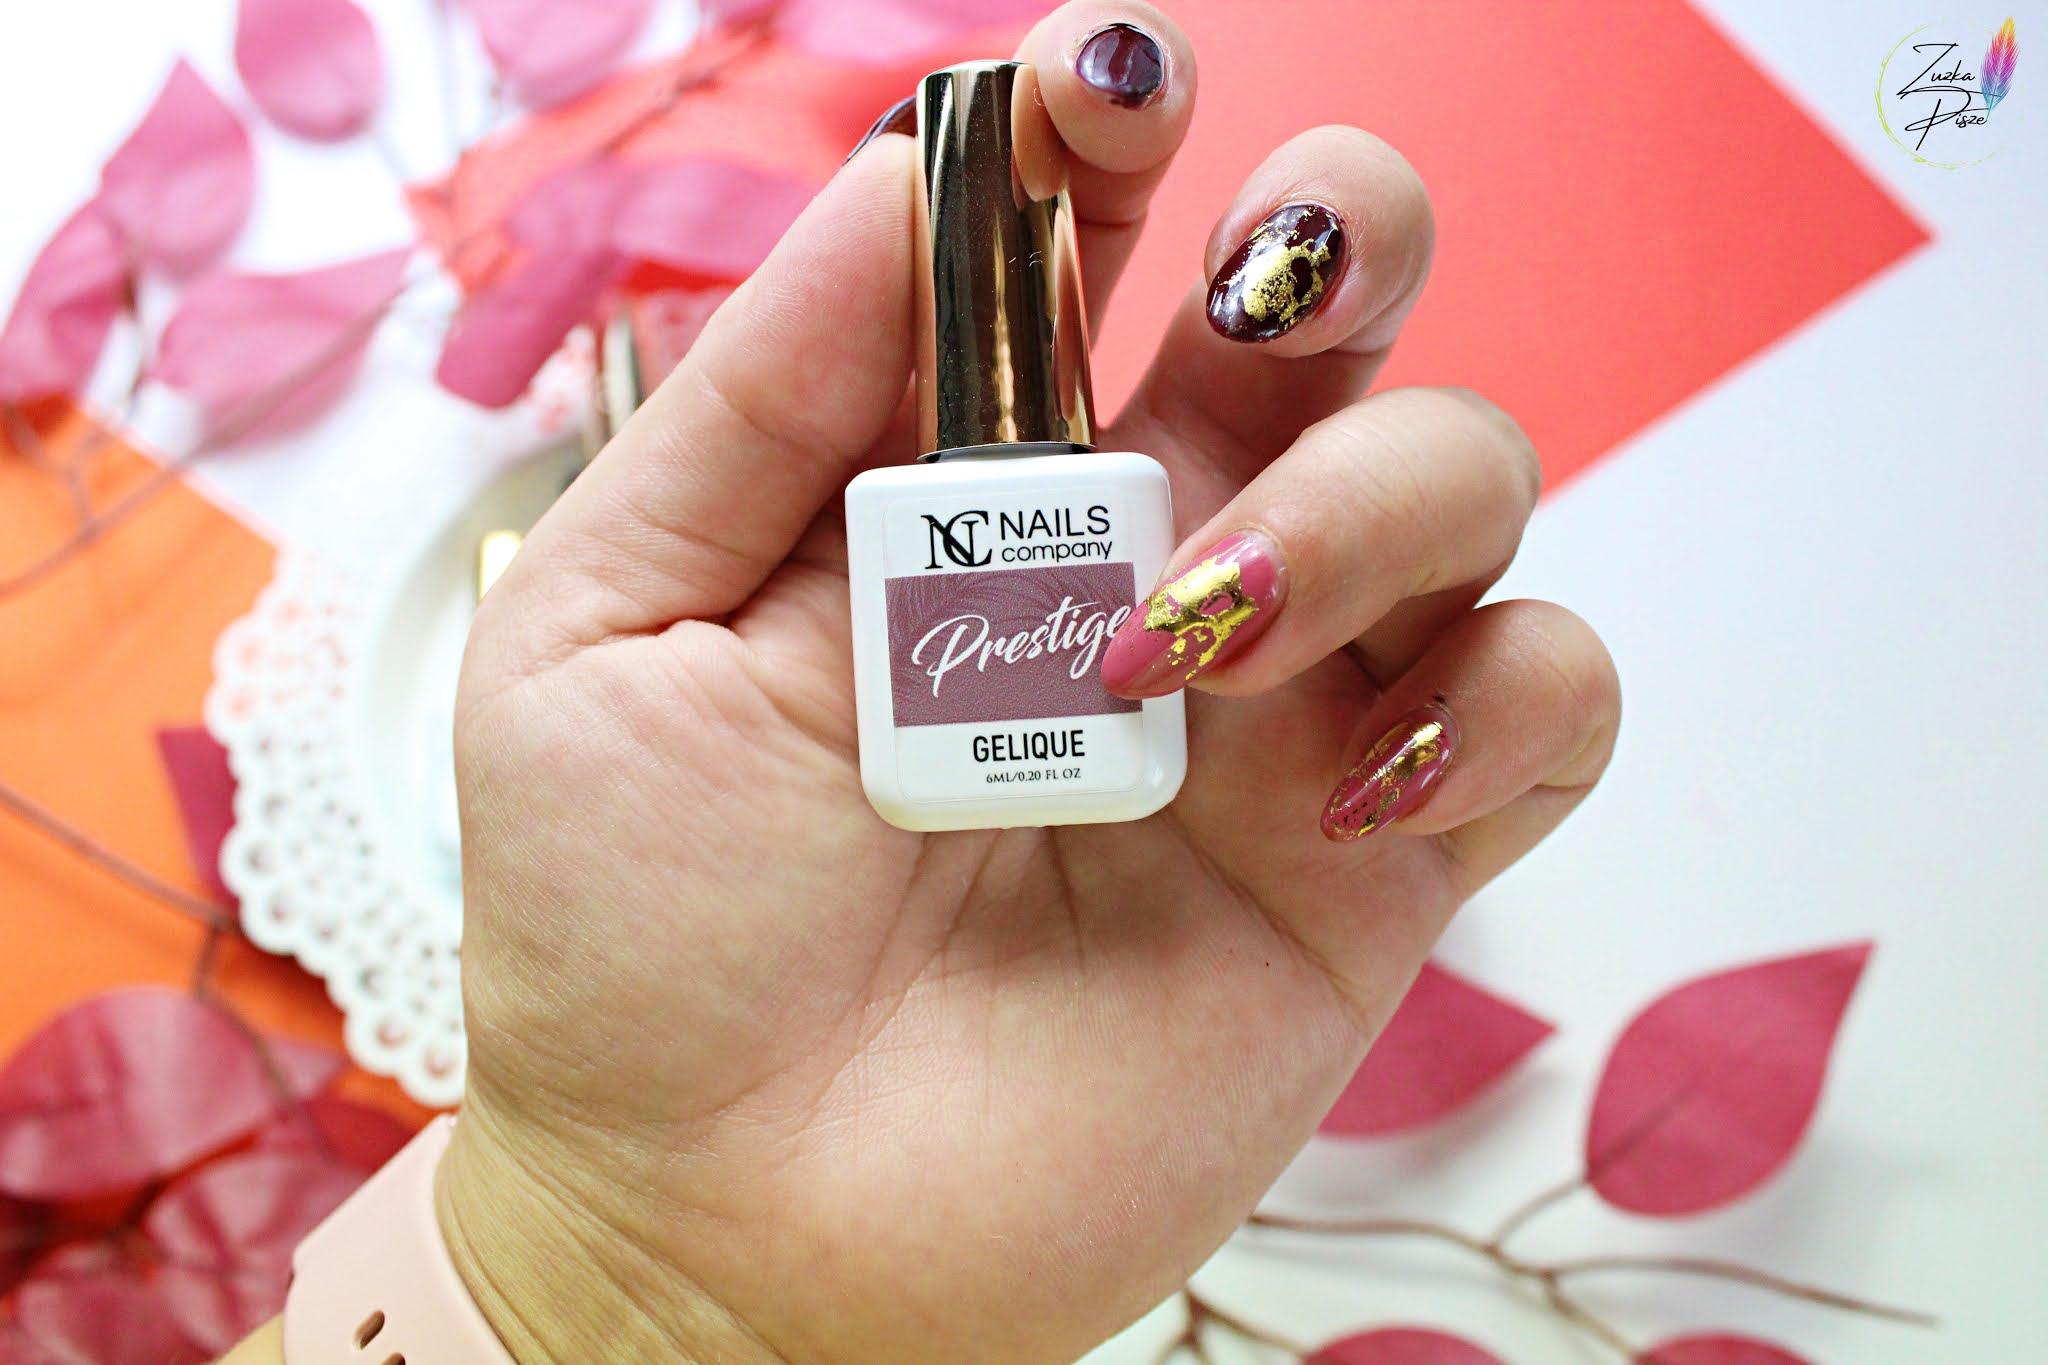 Jesienne stylizacje paznokci lakierami NC Nails Company